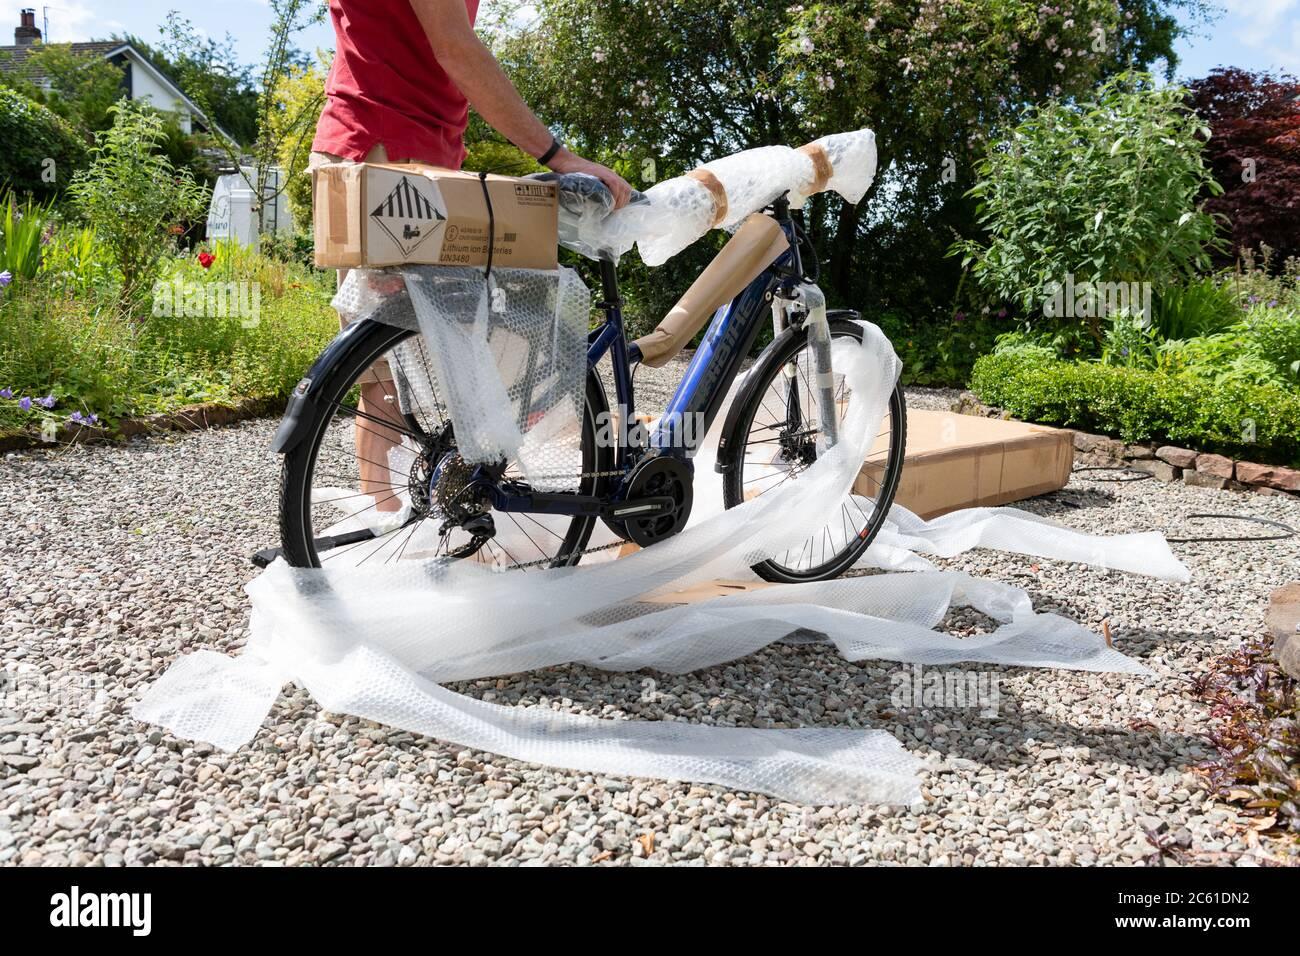 Entrega en casa de bicicleta eléctrica ebike pedido en línea durante el cierre coronavirus - bicicleta sacada de la caja de bicicletas y desenvolver envoltura de burbujas - Reino Unido Foto de stock